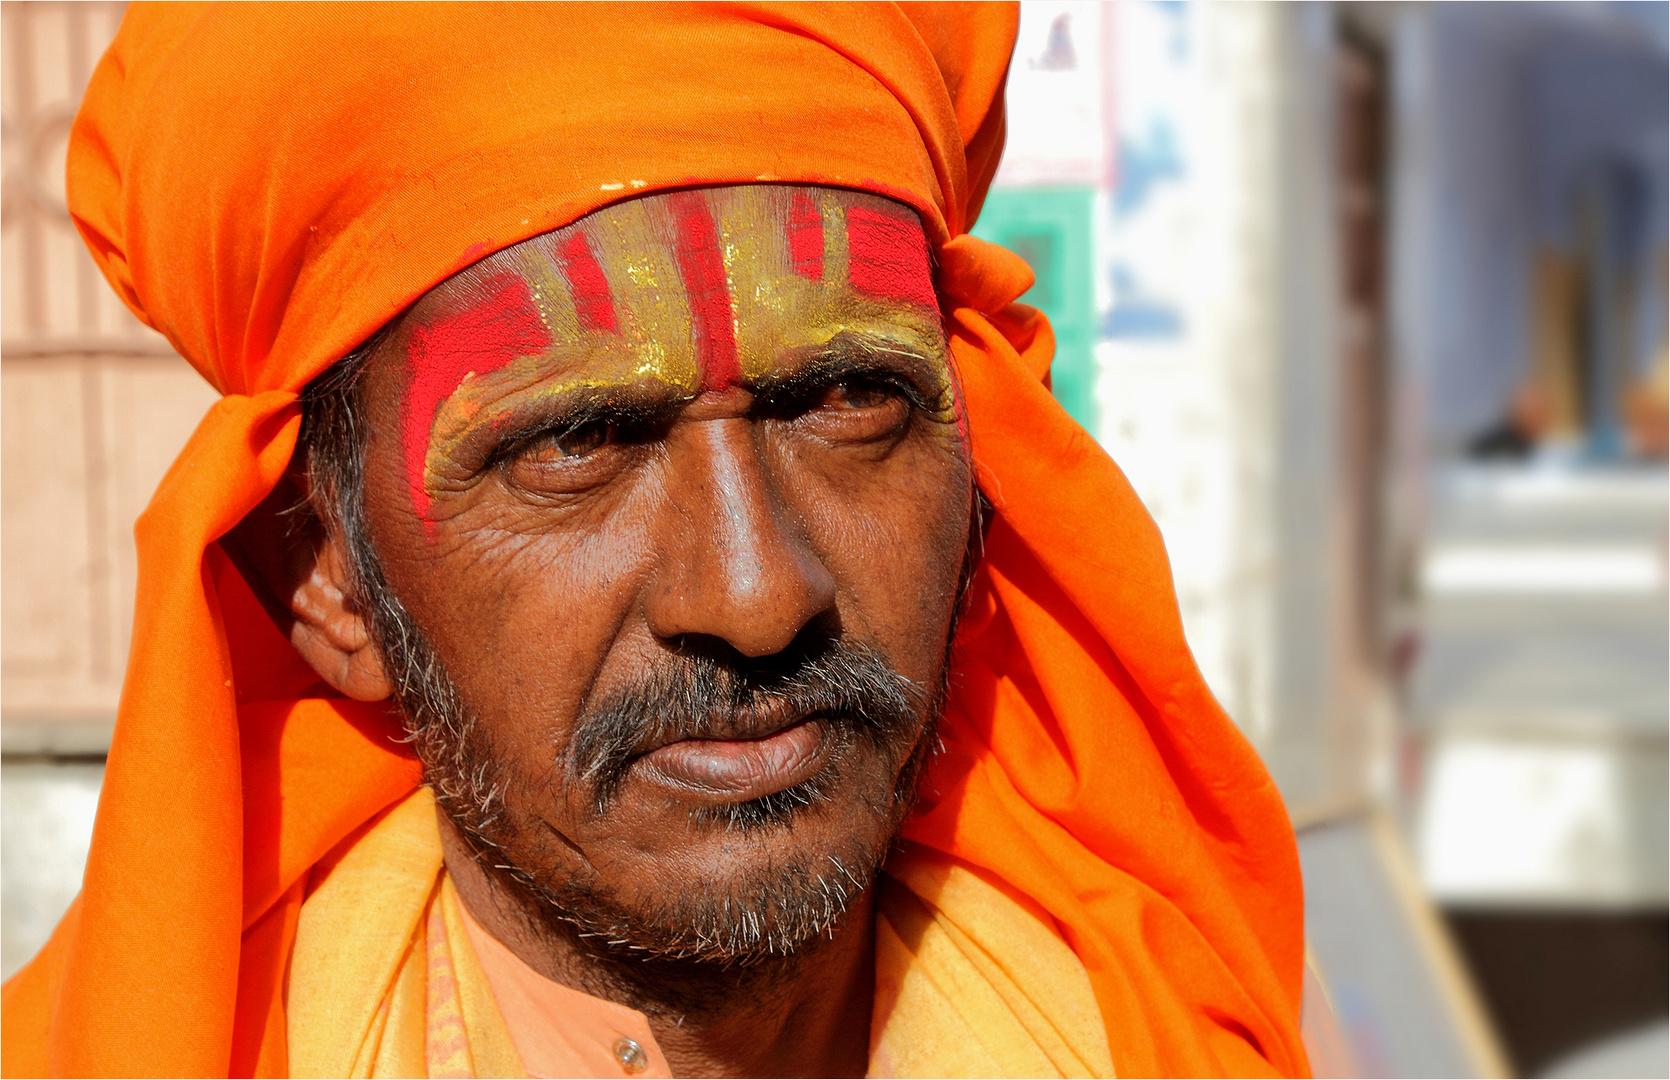 Pilger zum Brahma-Tempel in Pushkar